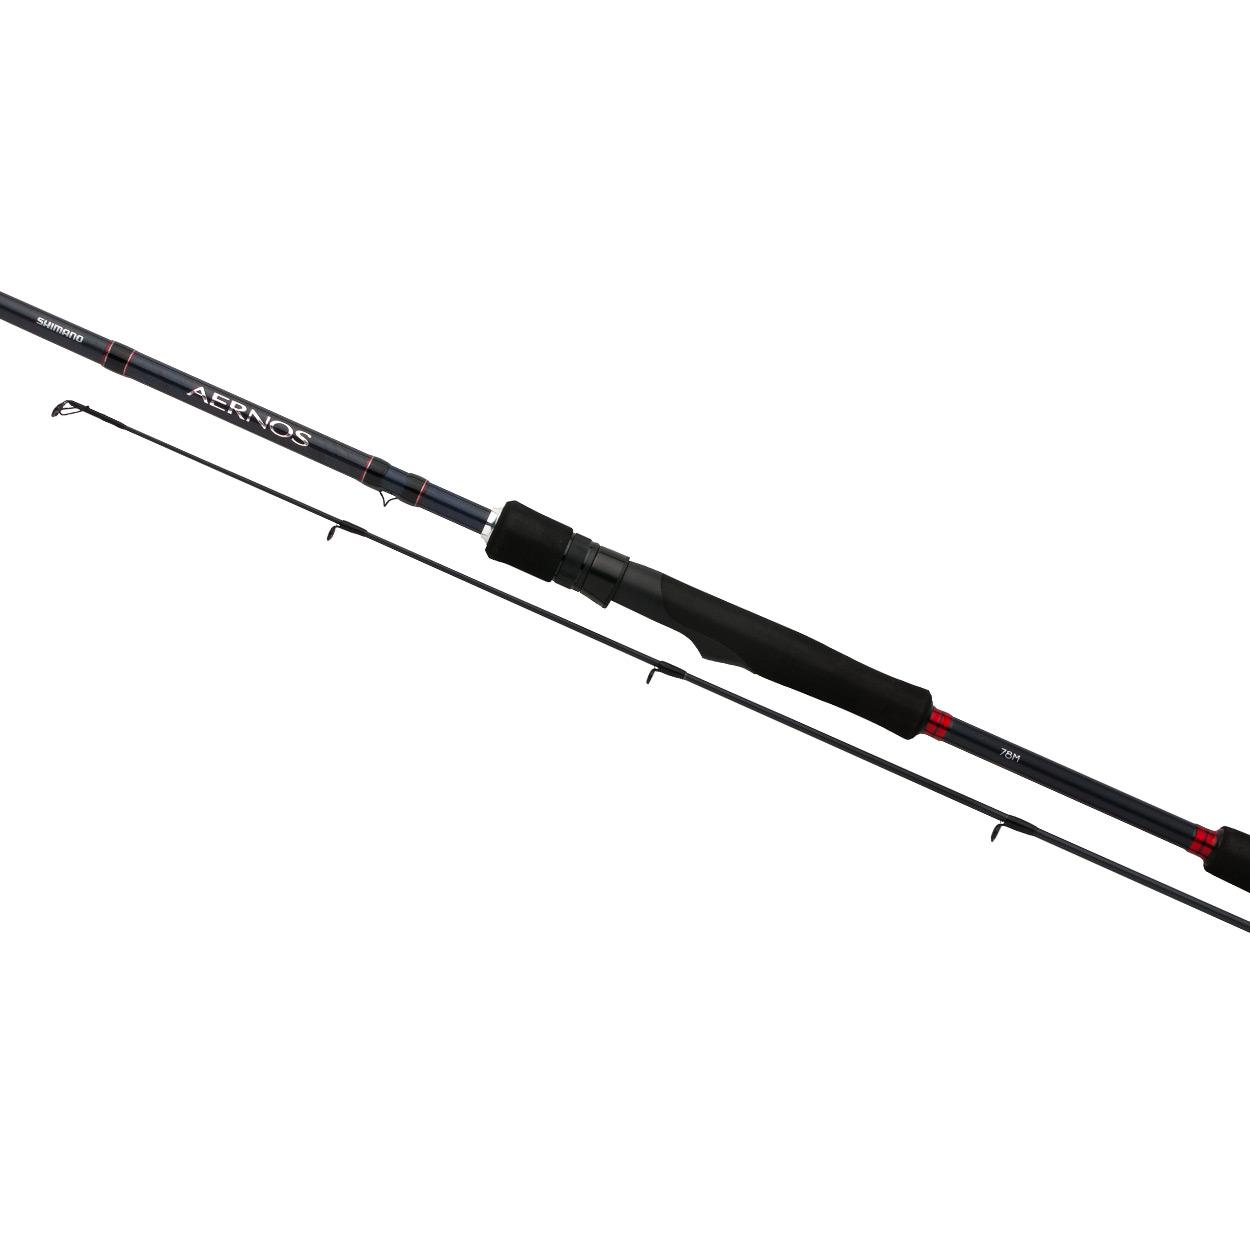 Удилище кастинговое SHIMANO Aernos AX Spinning 7'0 14-42 MH (+ Леска в подарок!) цена